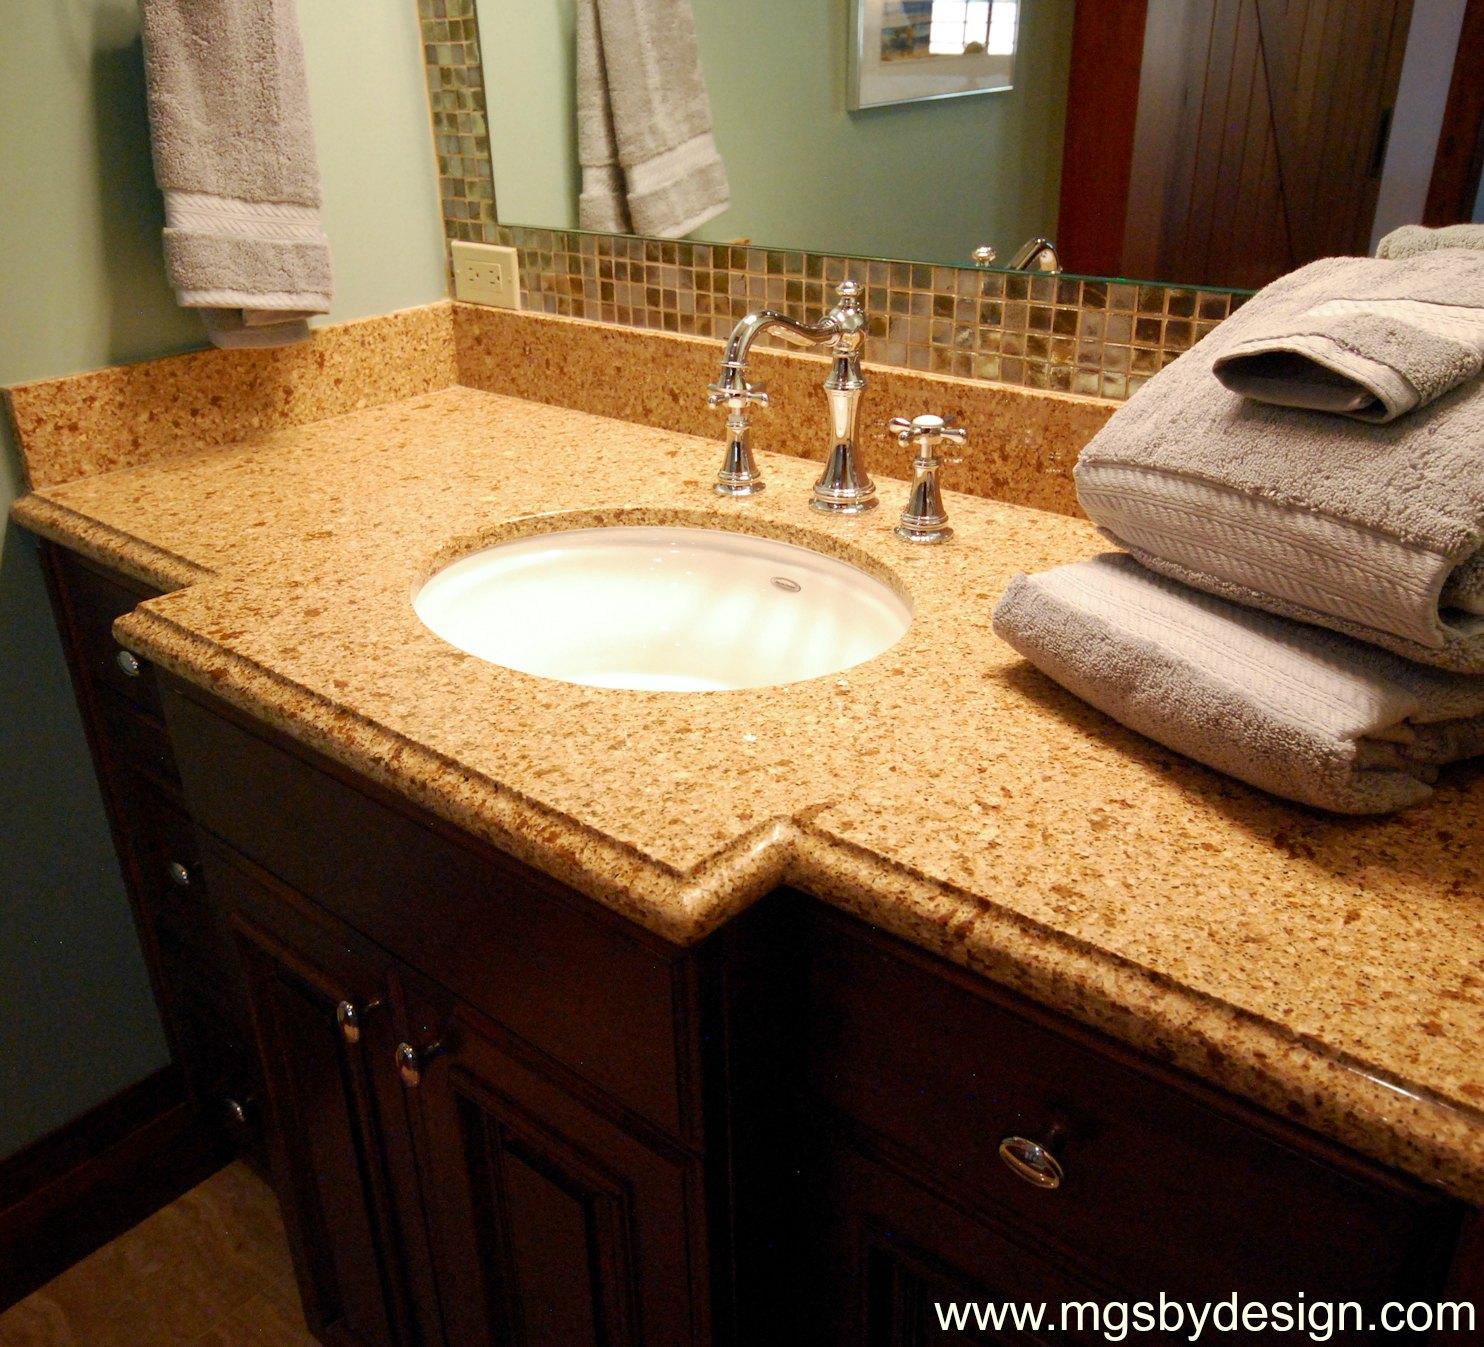 The granite gurus chocolate truffle caesarstone quartz in for 2 inch quartz countertop